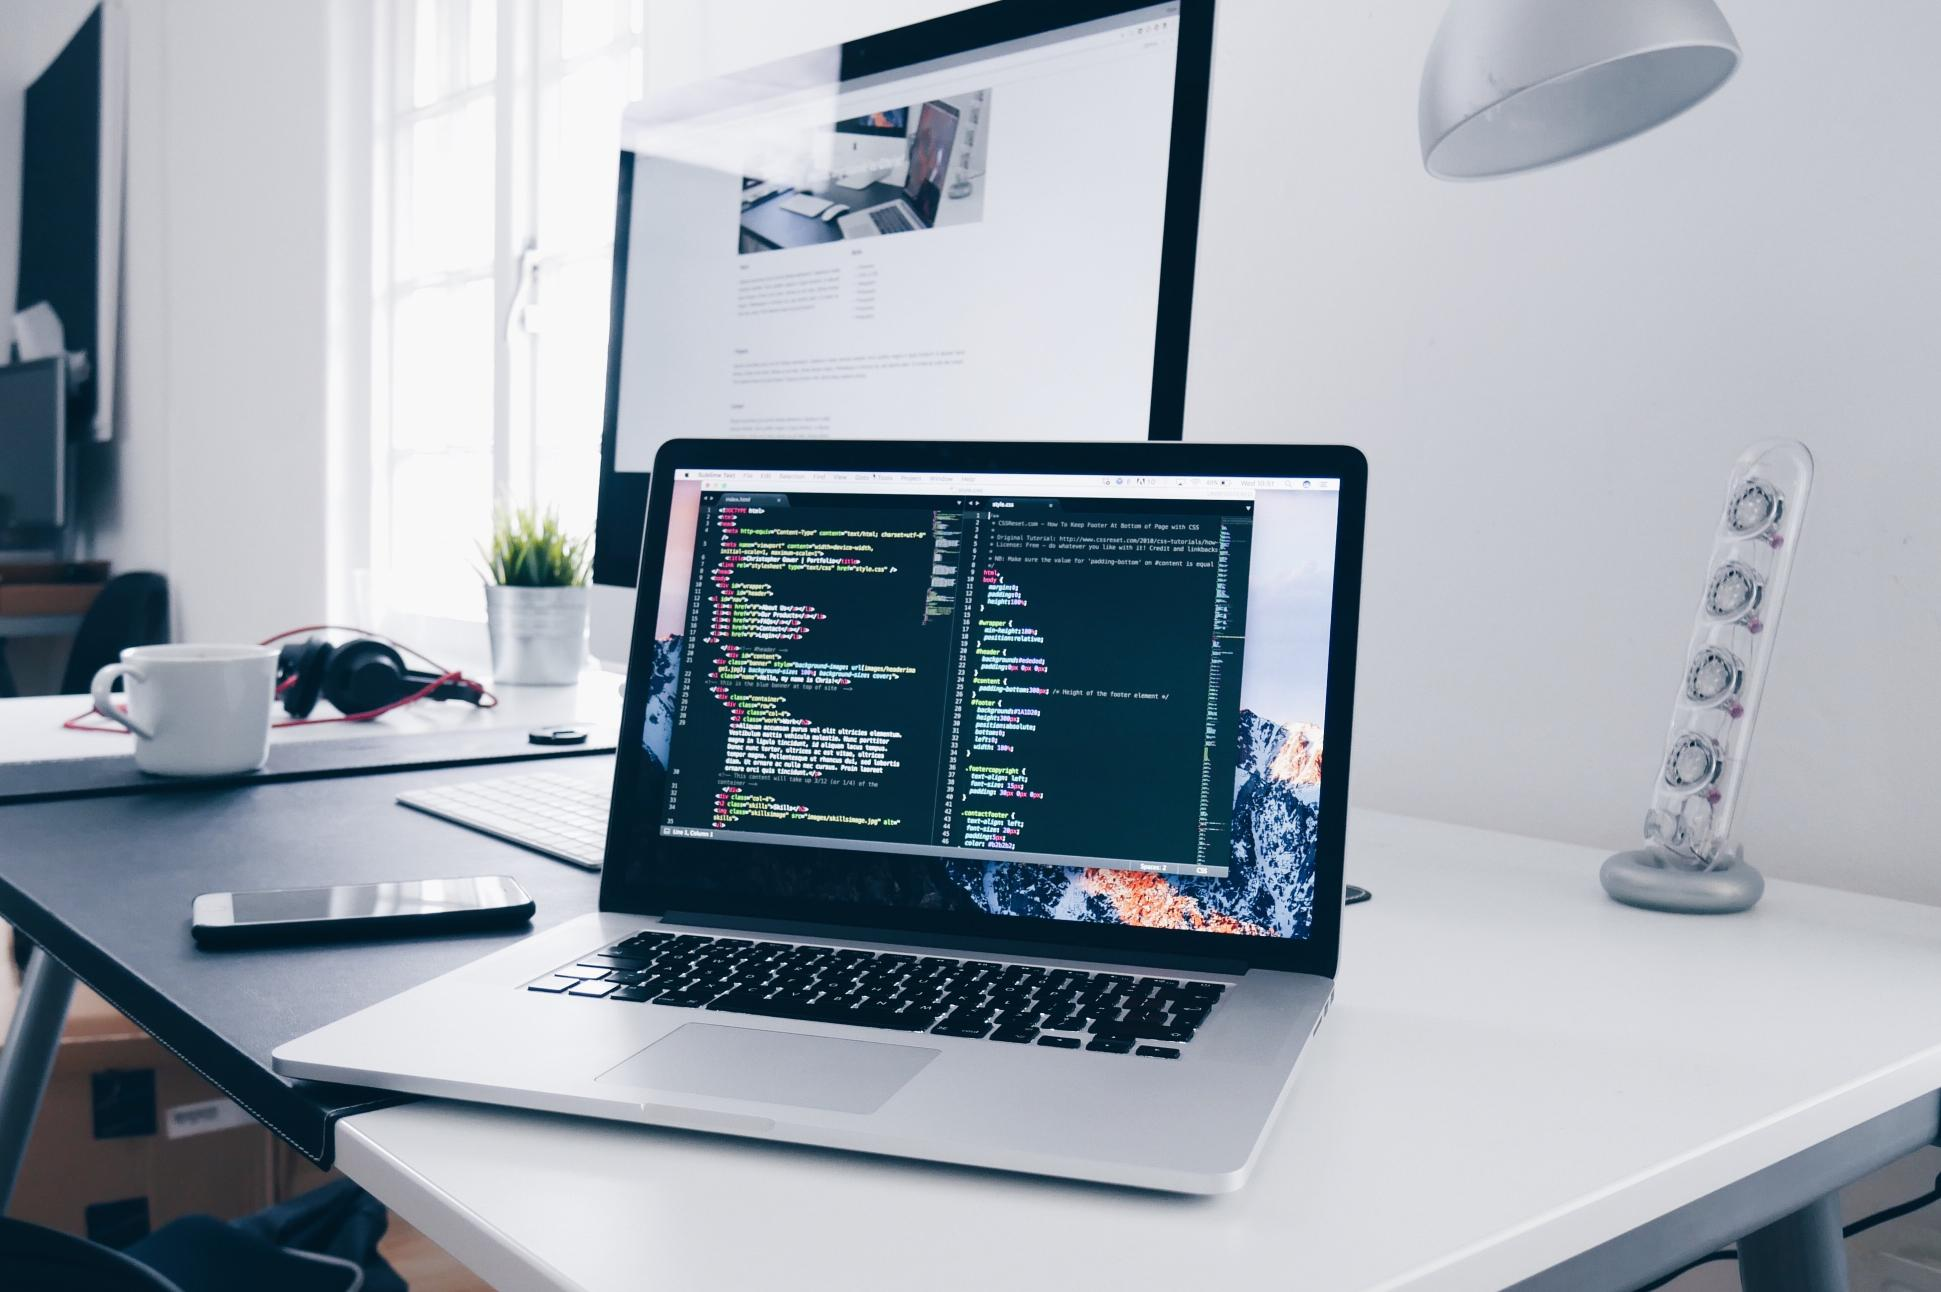 Nouvelles technologies dans l'industrie informatique – 5 outils à connaître